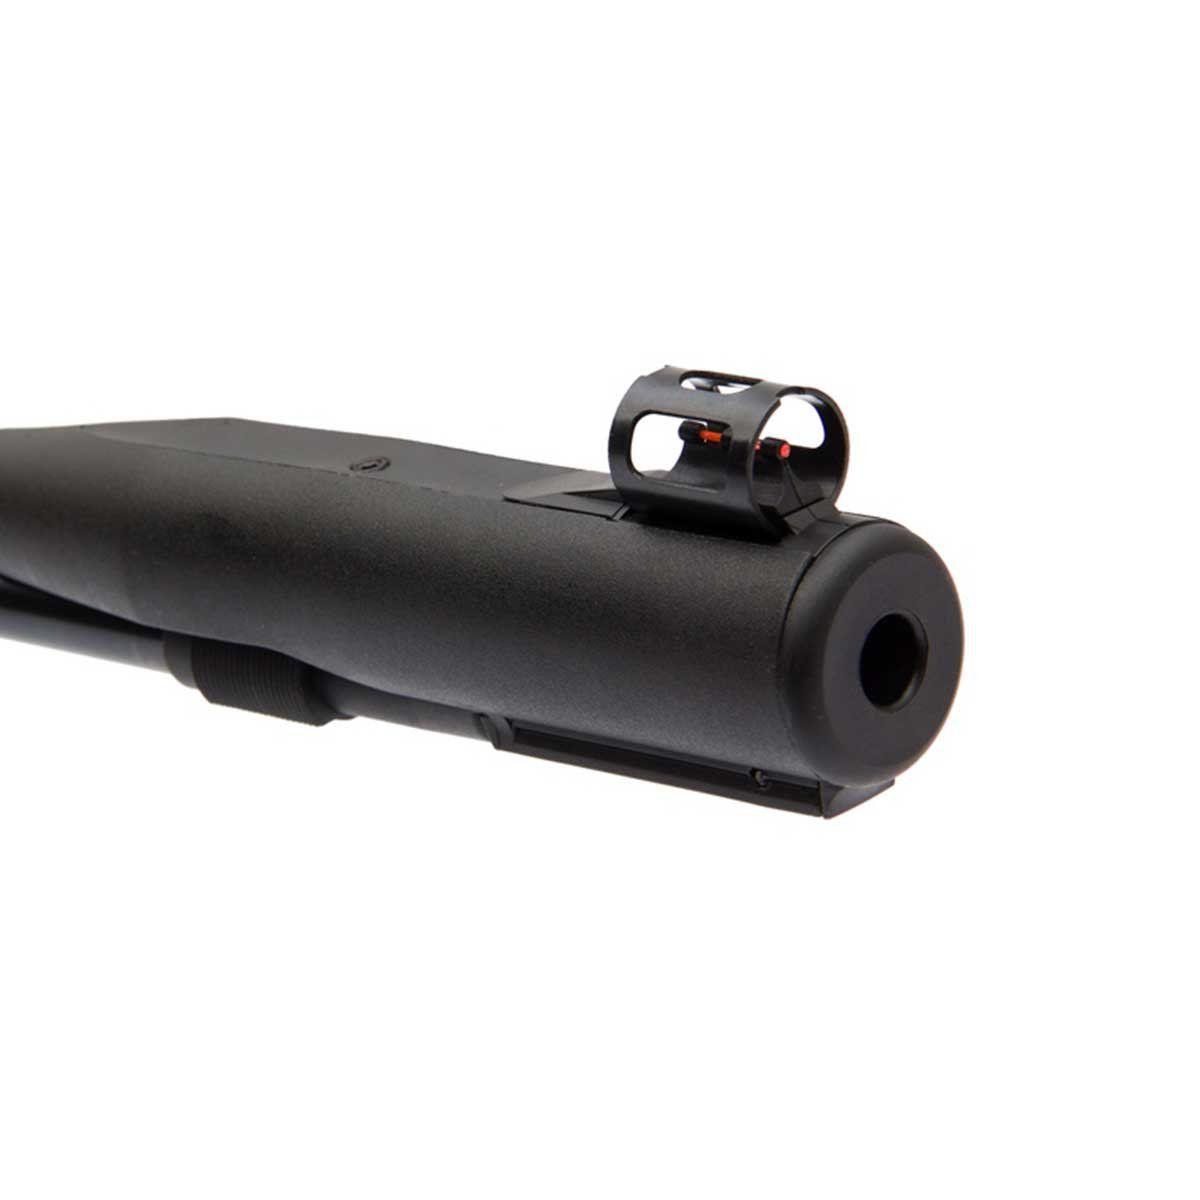 Carabina de Pressao Gamo CFX Royal Mola Madeira 5,5mm